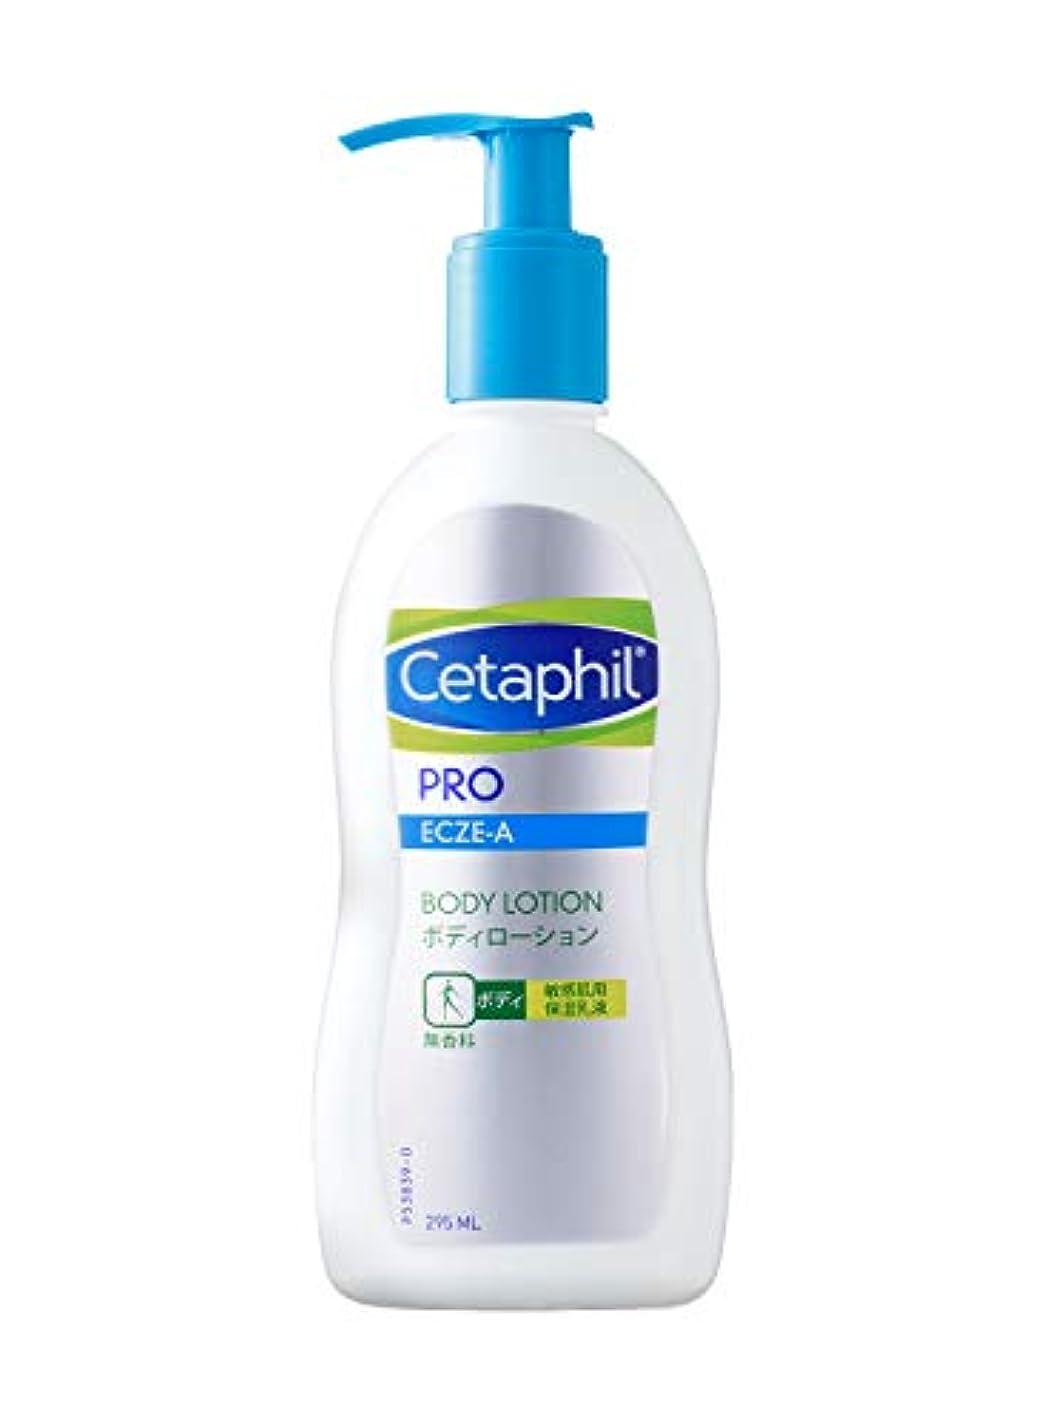 抗生物質忠実奪うセタフィル Cetaphil ® PRO ボディローション 295ml (敏感肌用保湿乳液 乾燥肌 敏感肌 低刺激性 保湿乳液 ローション)